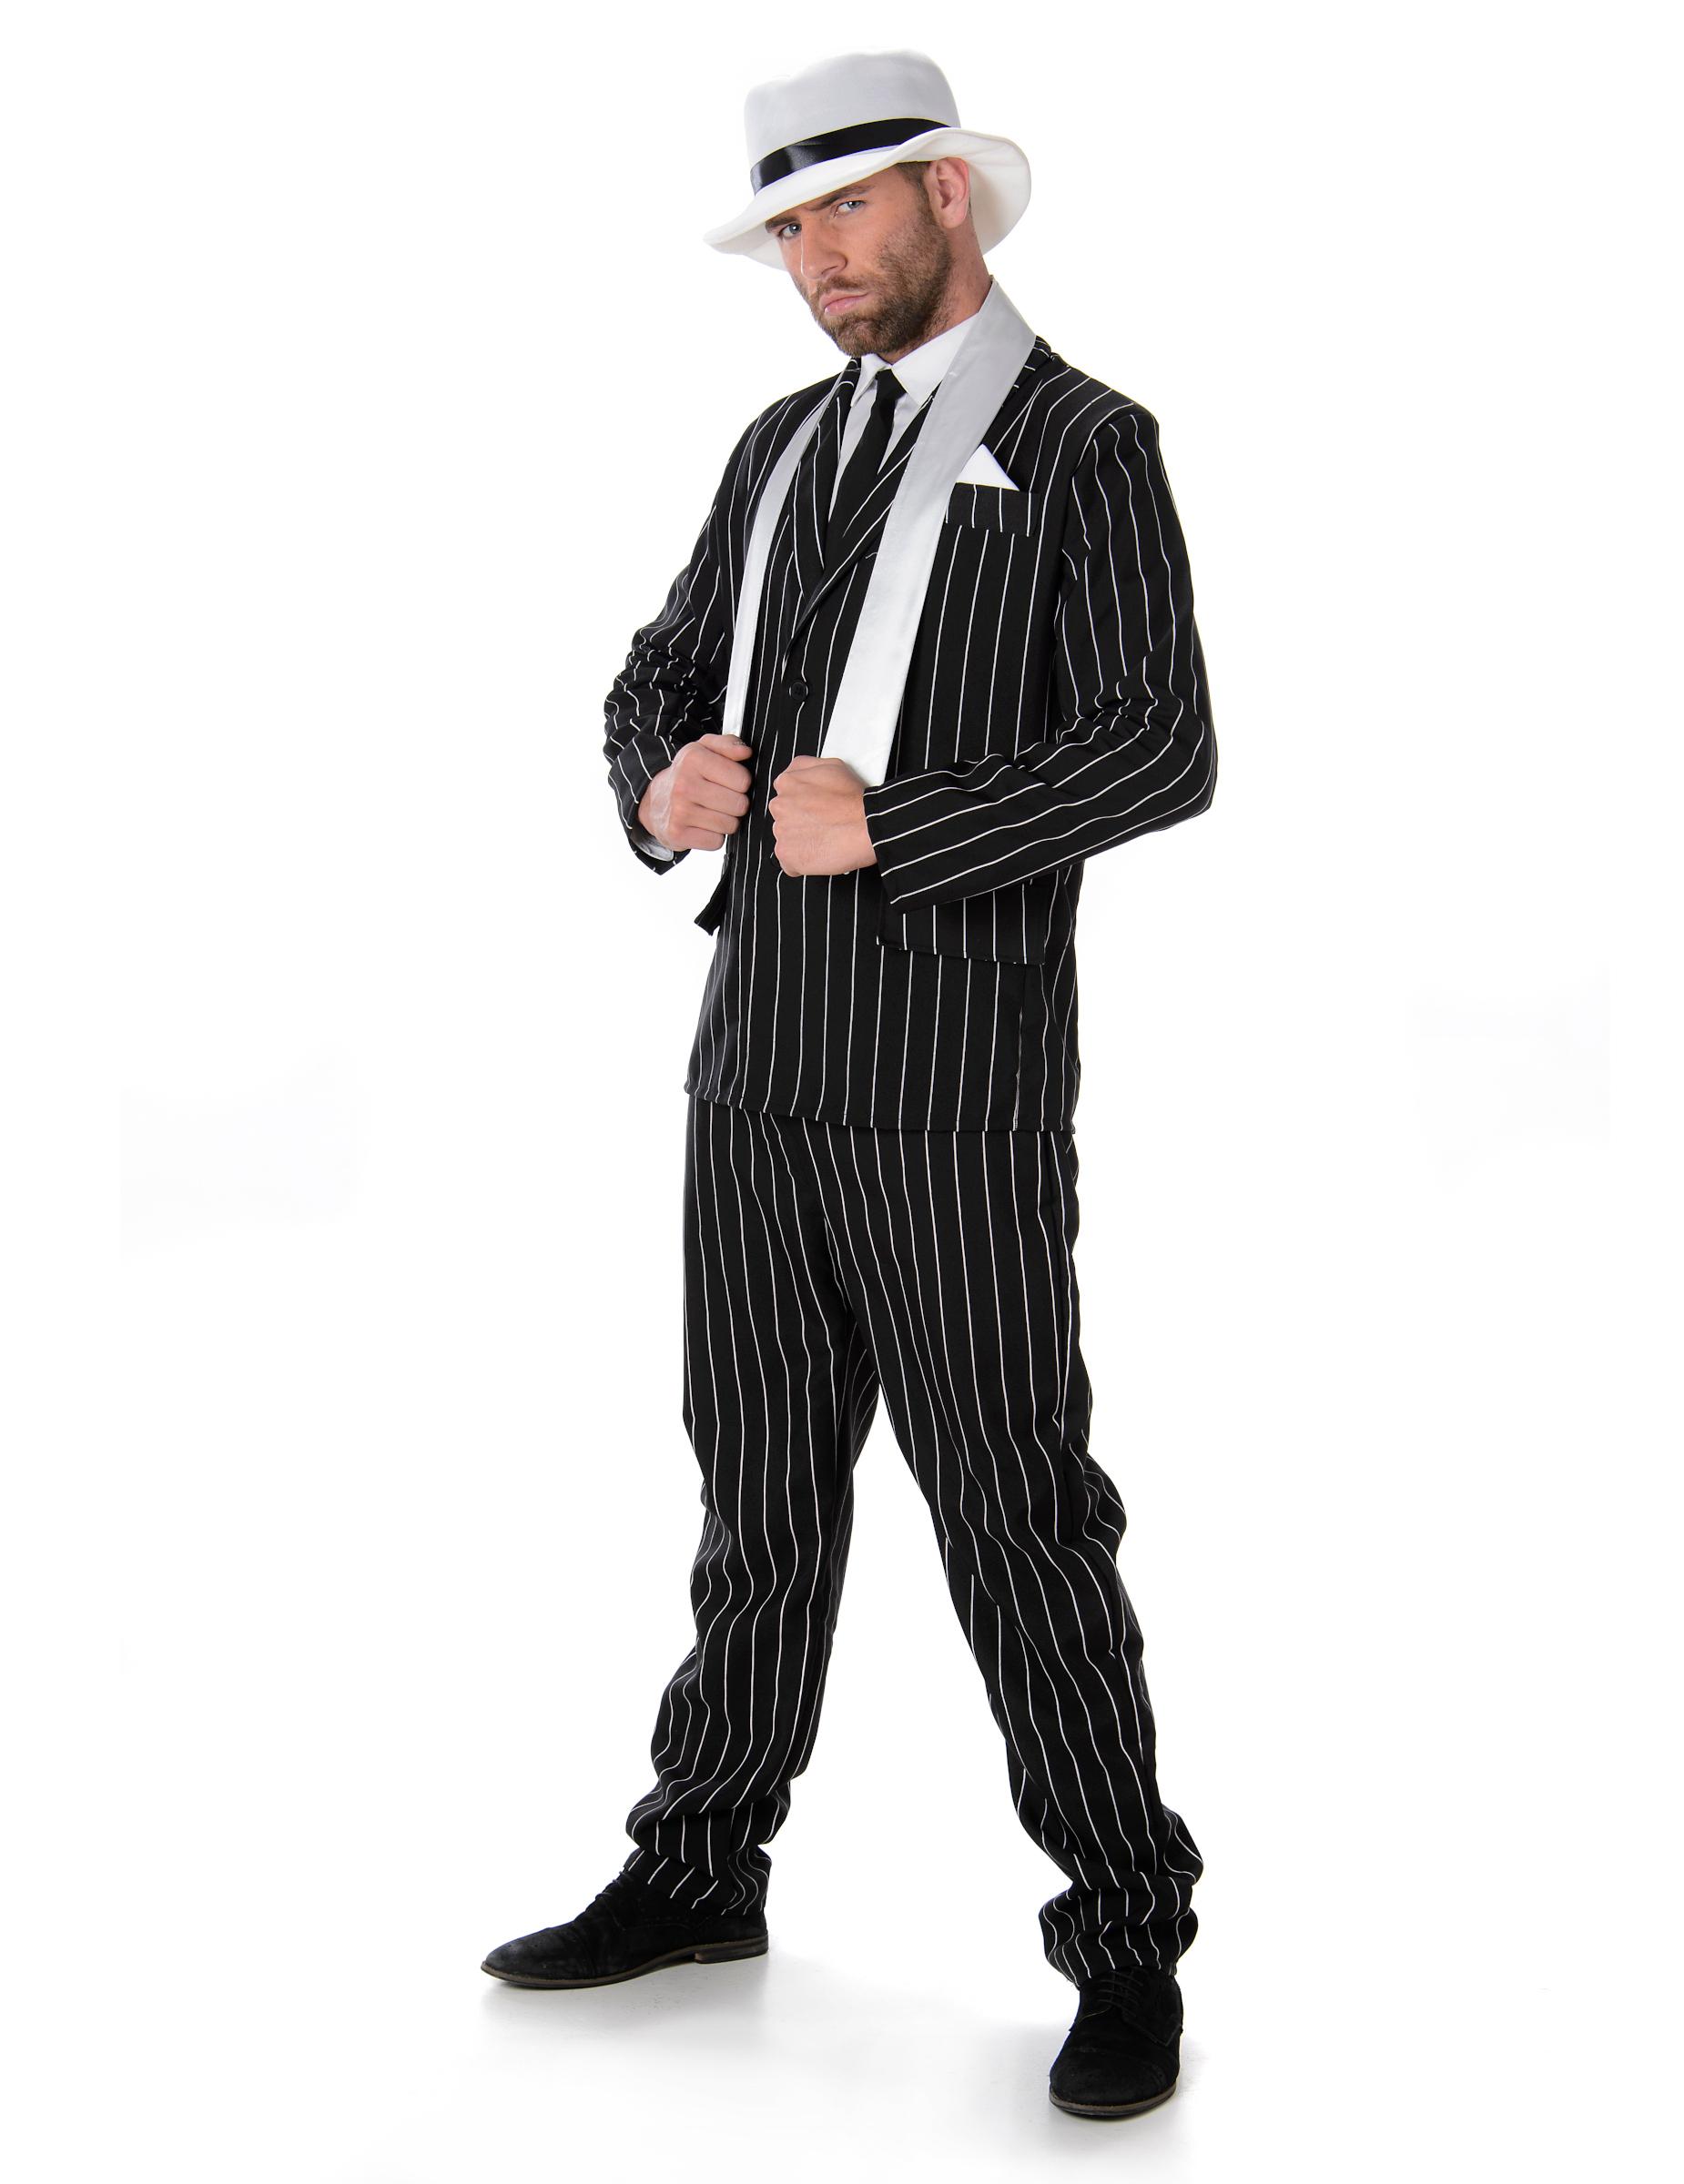 Costumi adulti uomo   donna per feste in maschera - Vegaoo.it 30026d73034